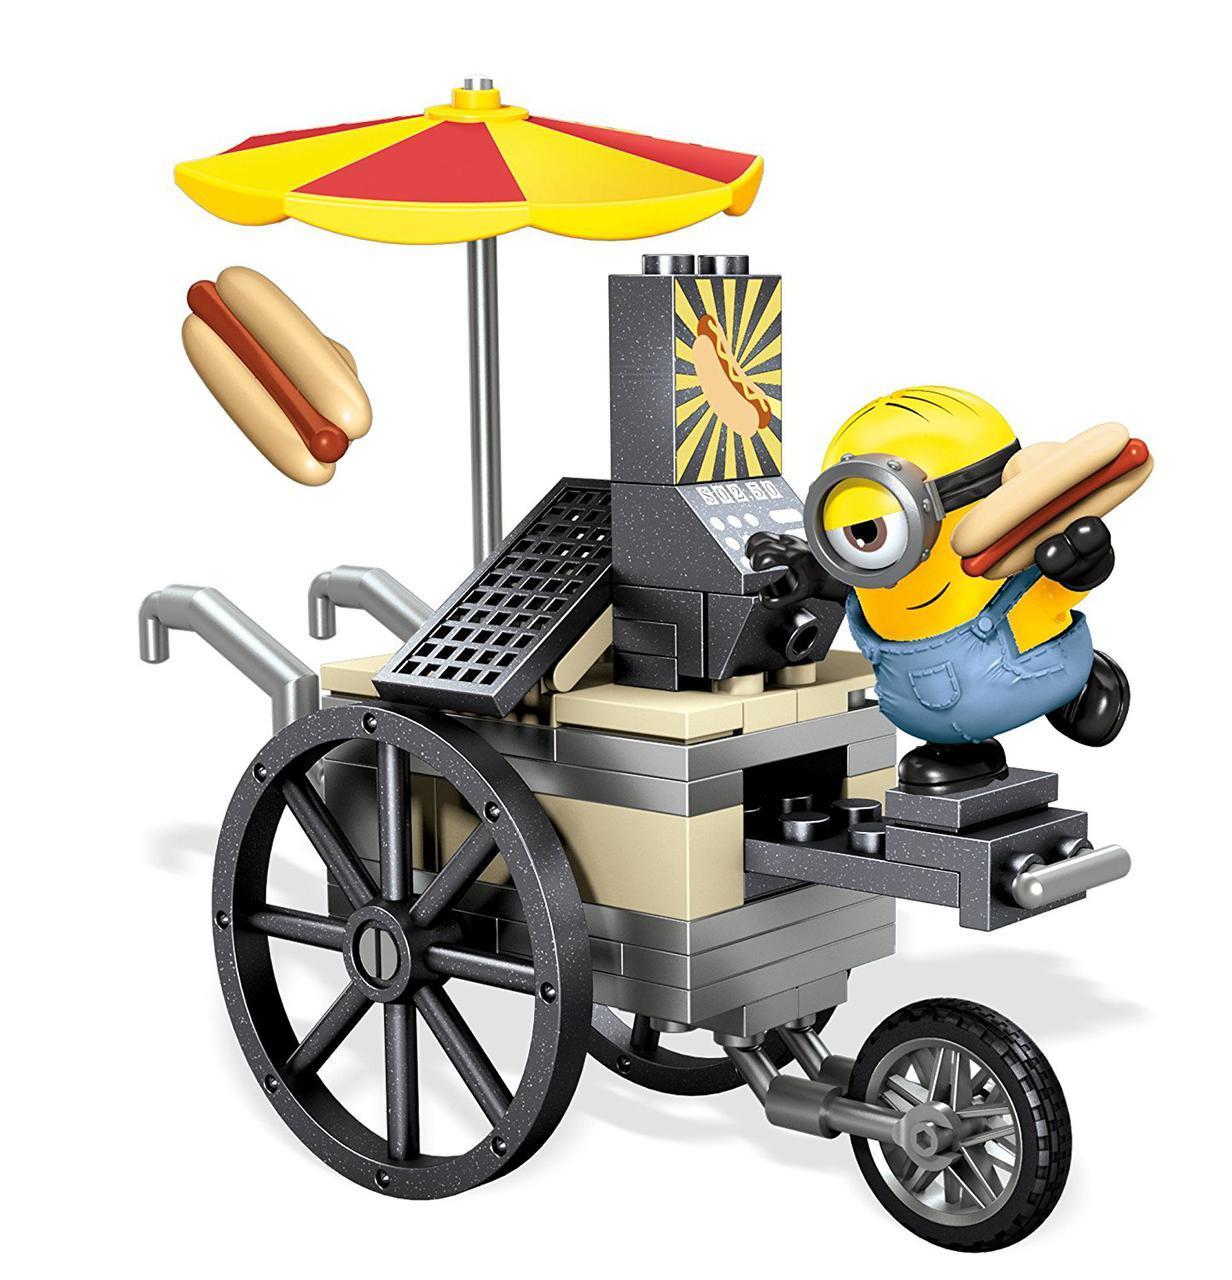 Конструктор Мега Блокс Миньоны Летающие хот-доги Mega Construx Minions Flying Hot Dogs